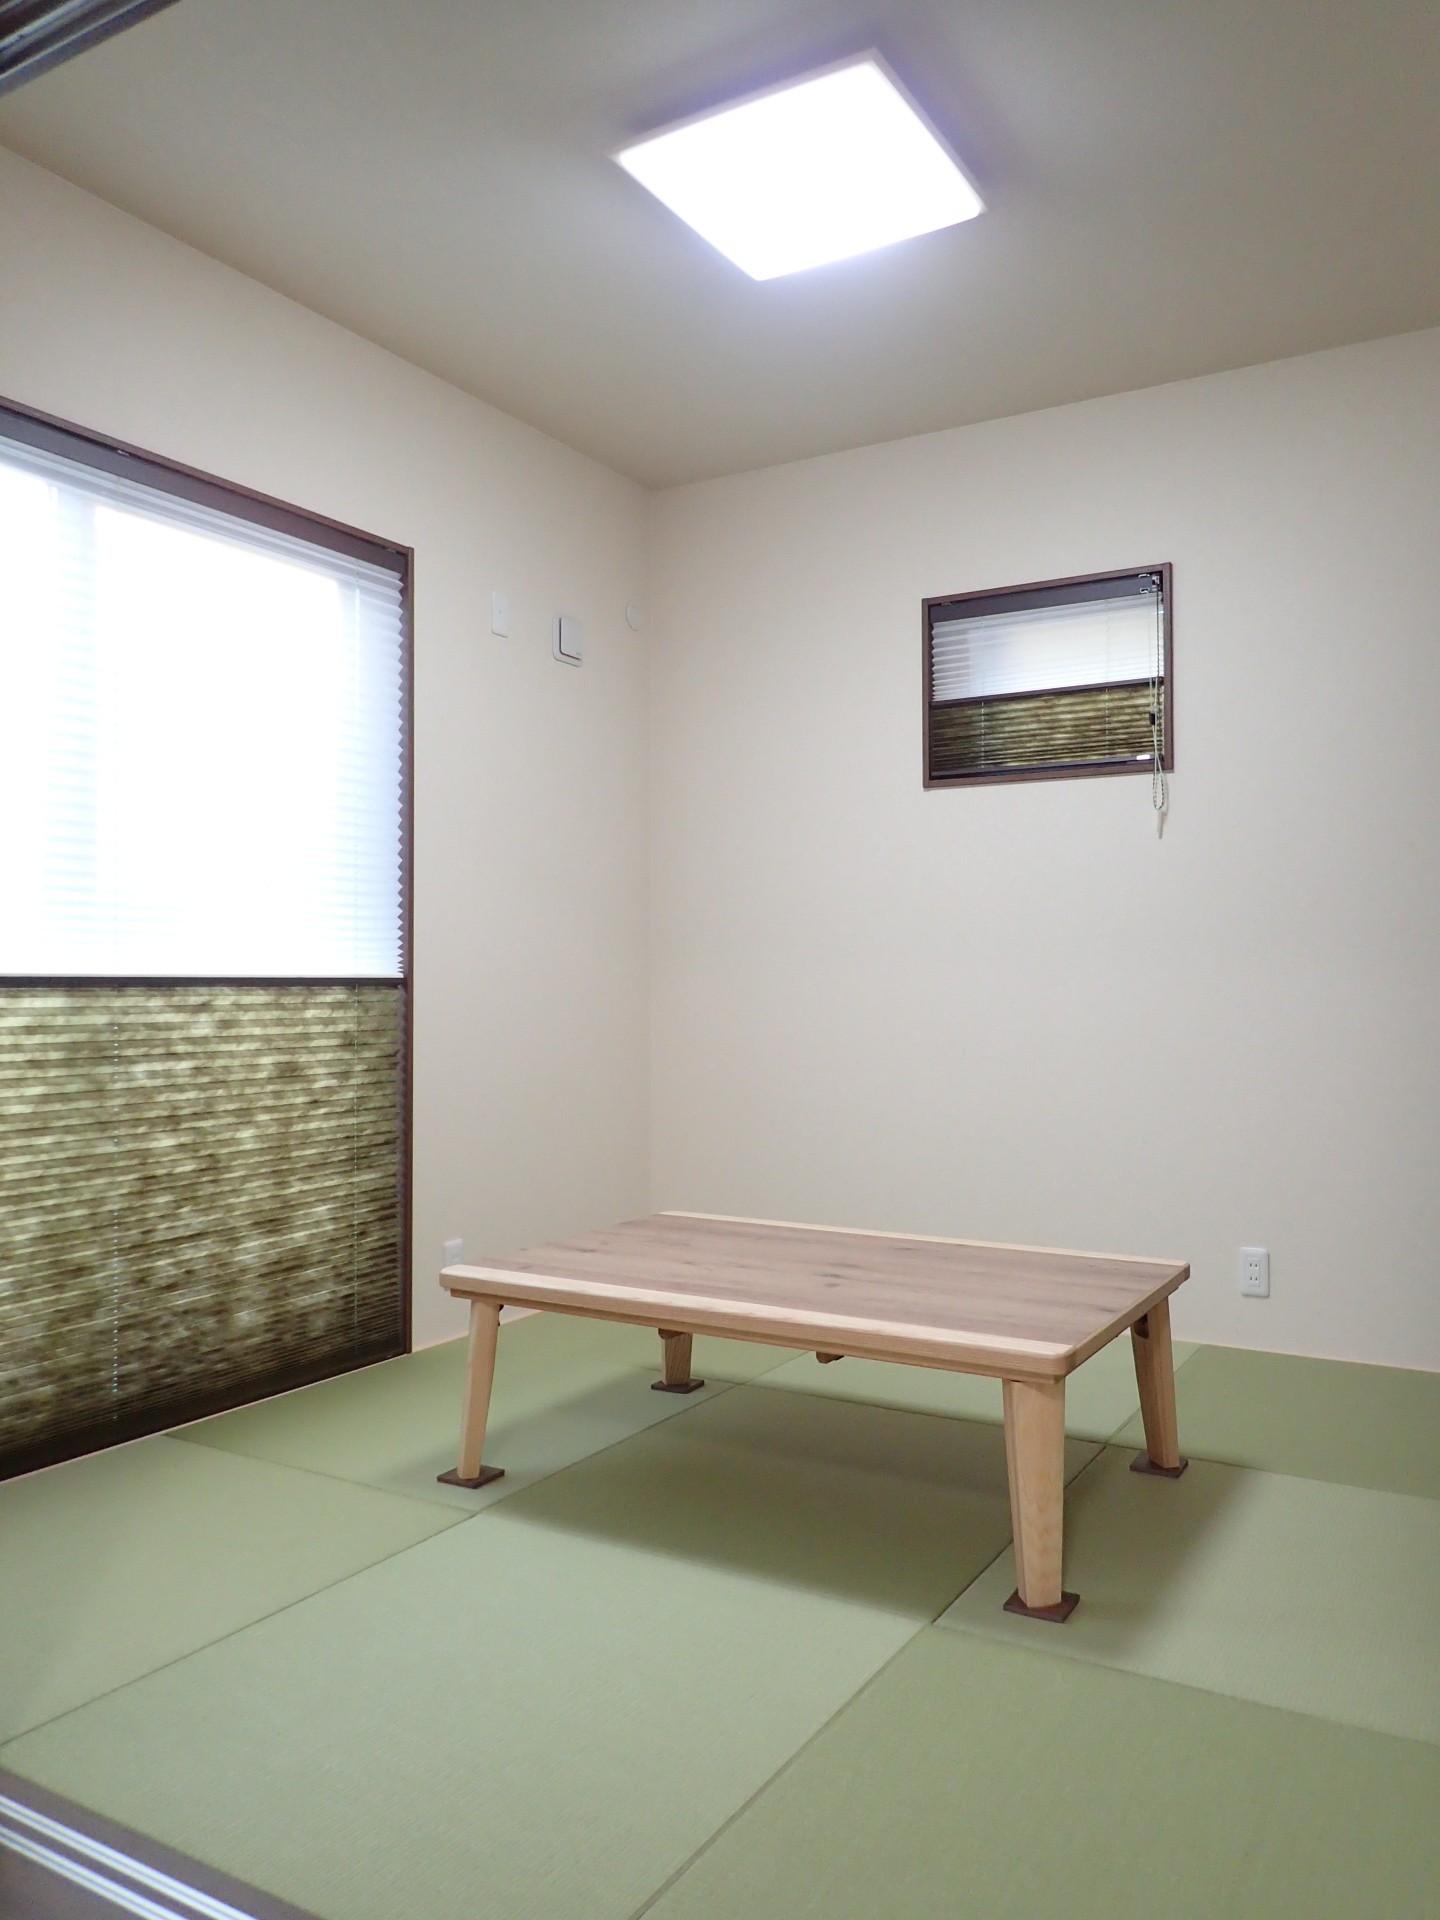 その他事例:和室(ダブル断熱で一年中快適♪ナチュラルモダンなお家)